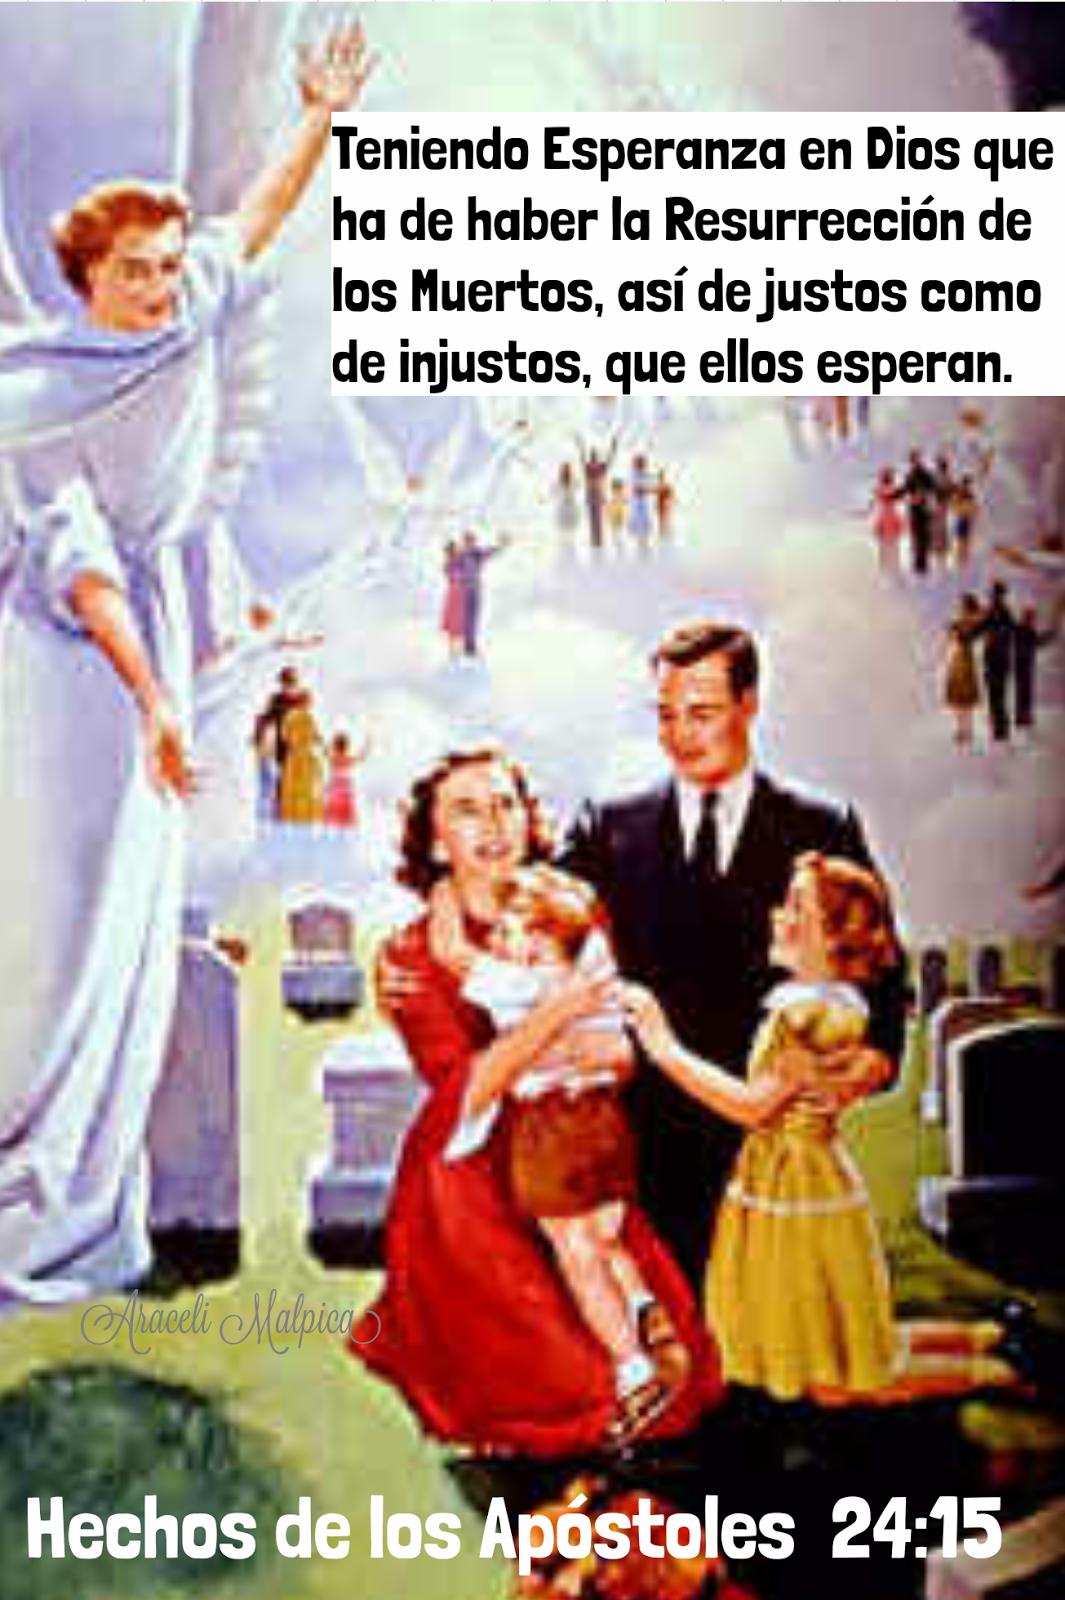 👫🍃NUNCA DEBEMOS PERDER LA FE, LA ESPERANZA , LA CONFIANZA EN DIOS, EN QUE JESUS REGRESARA, POR LAS PERSONAS QUE PERDIMOS , EXISTE LA RESU...